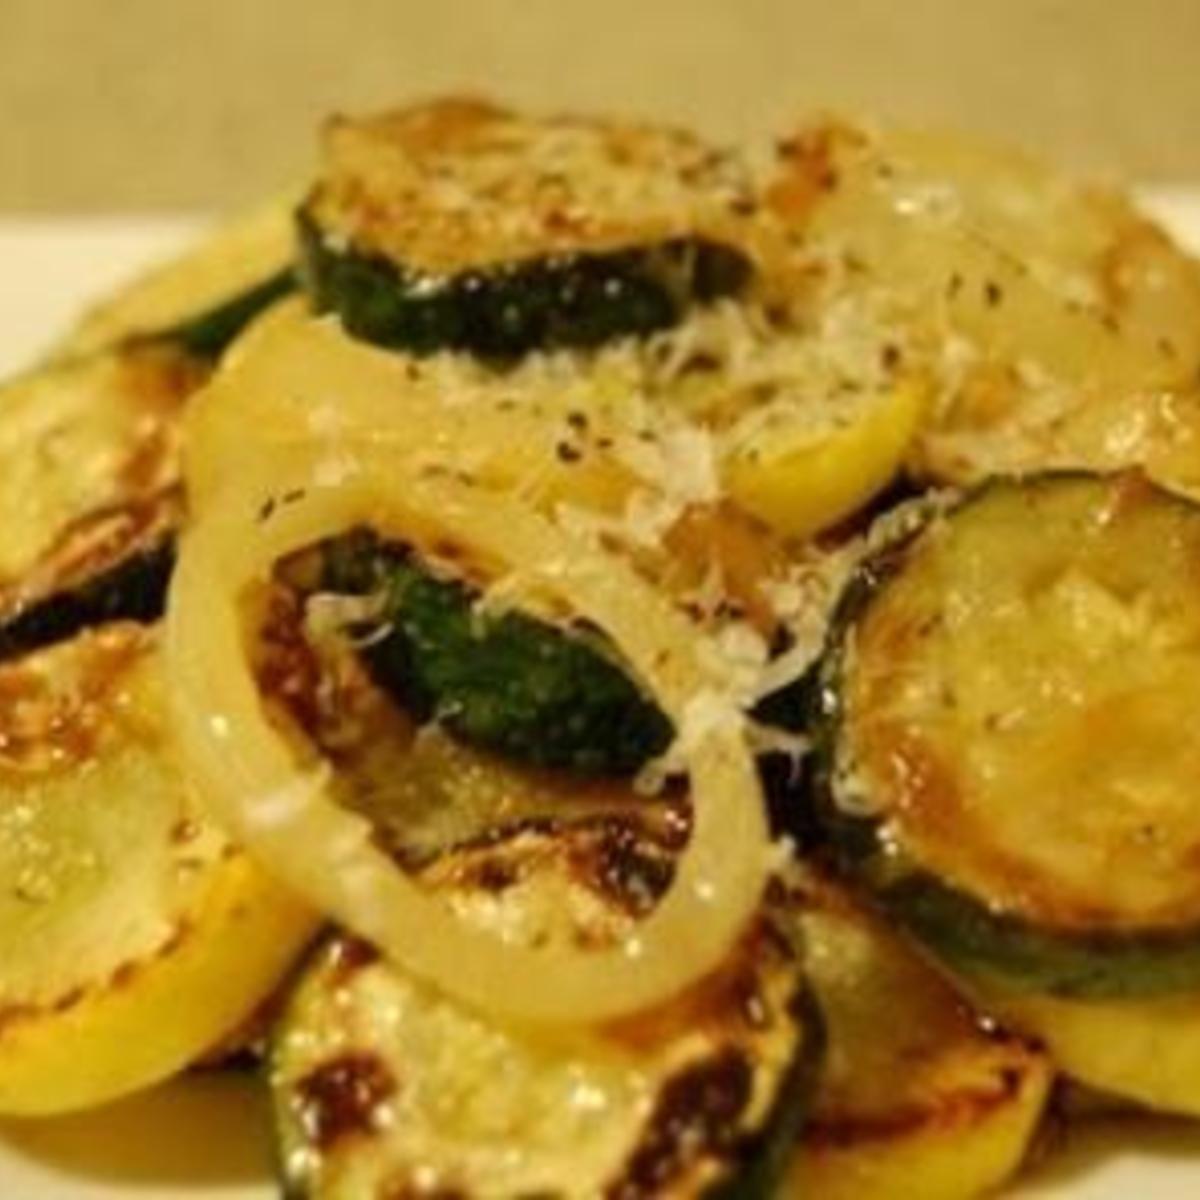 Sautéed parmesan zucchini